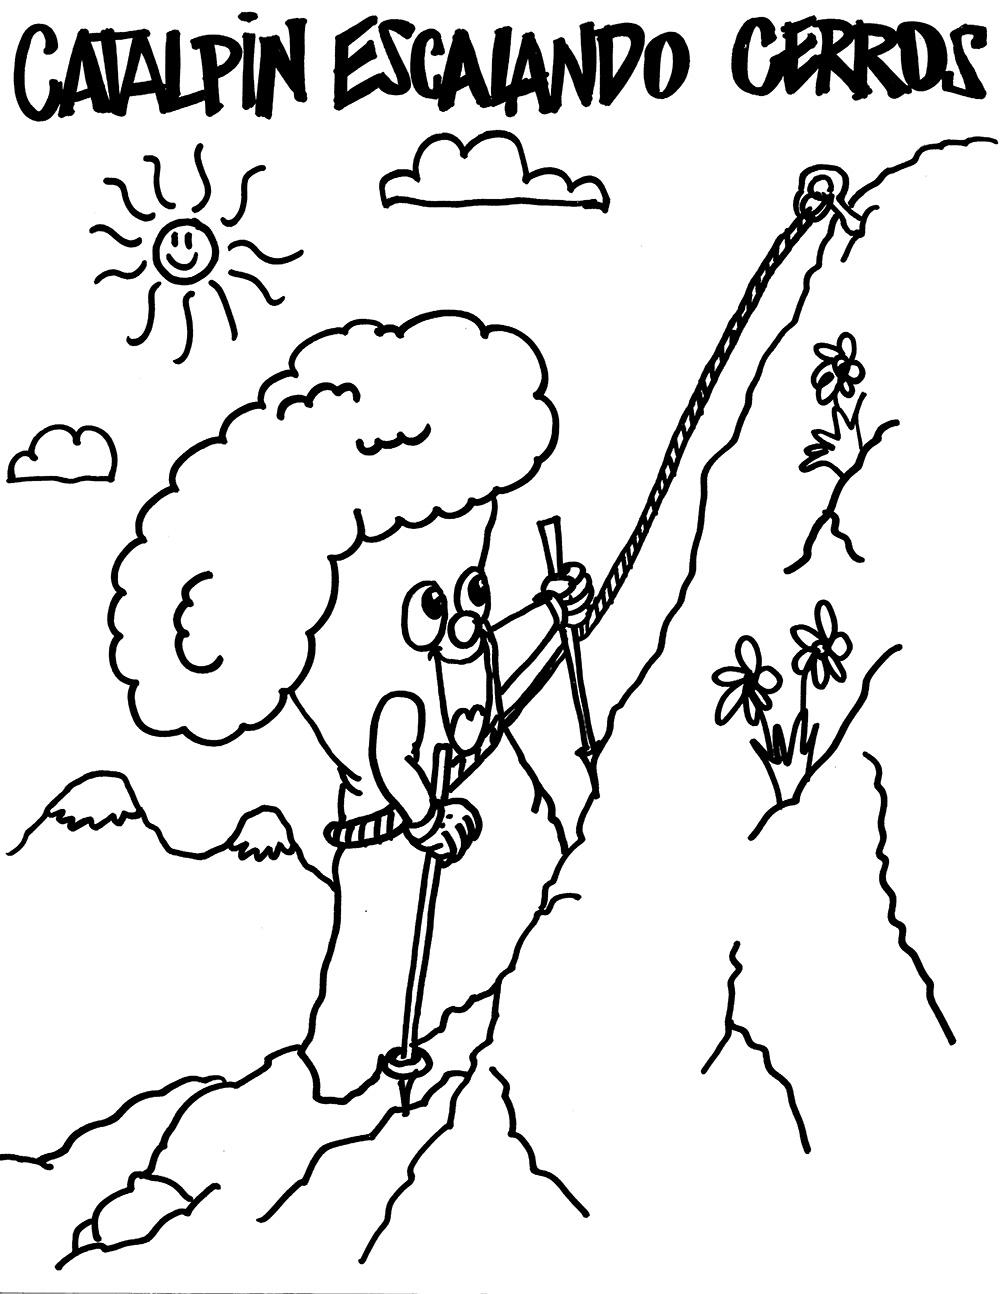 Catalpin Escalando Cerros